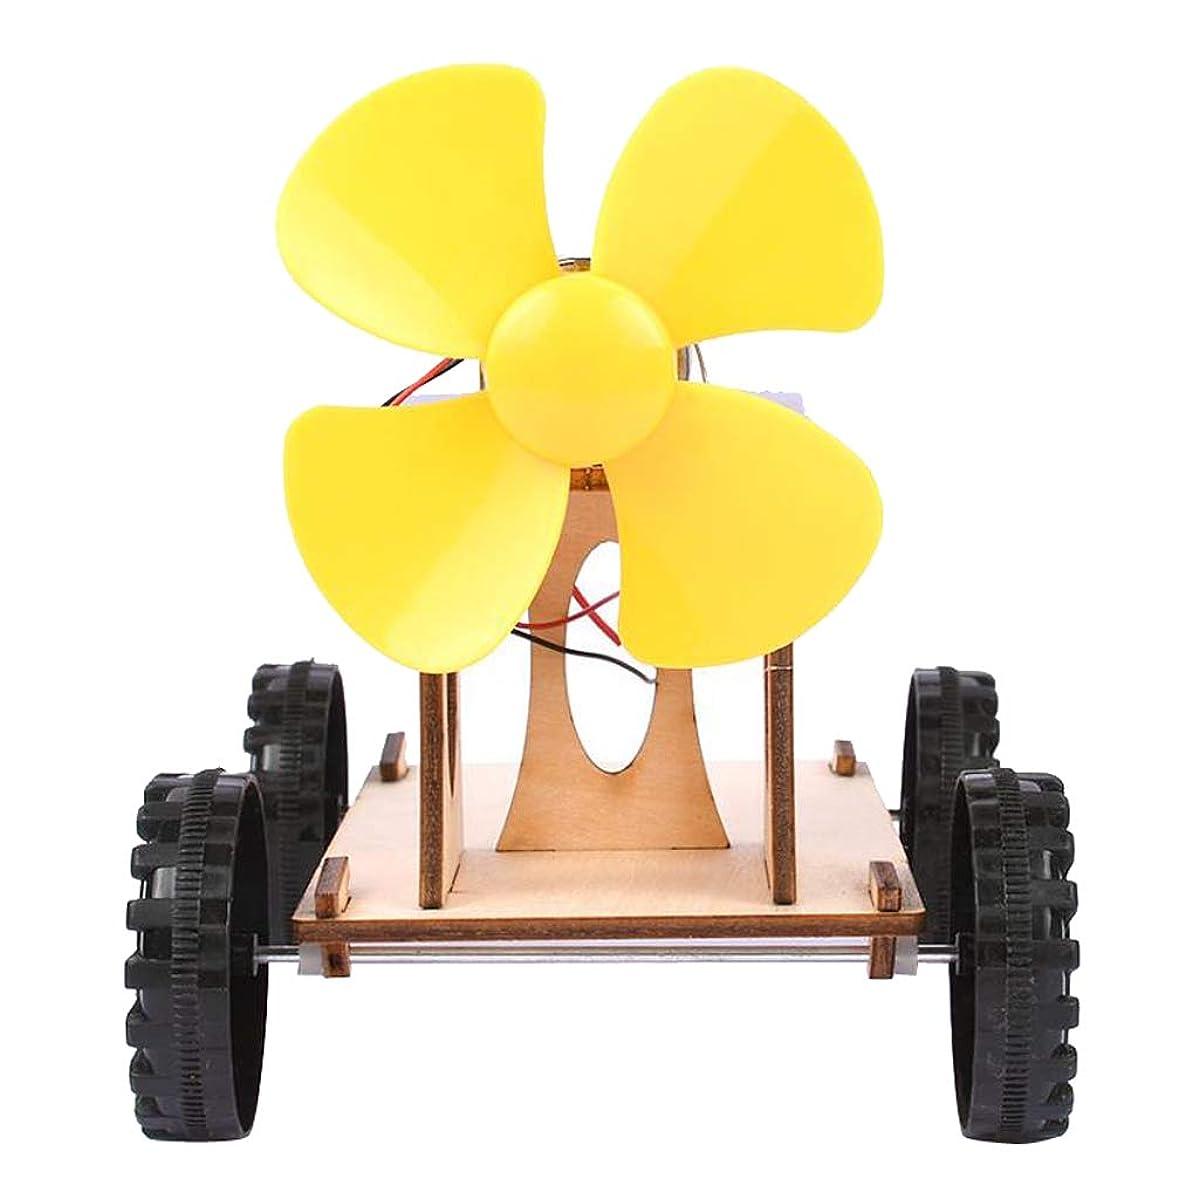 適応的目の前の日の出FLAMEER 自動車モデル DIYカーモデル 組み立て 風力発電 太陽光発電 物理実験キット 教育玩具 1台入